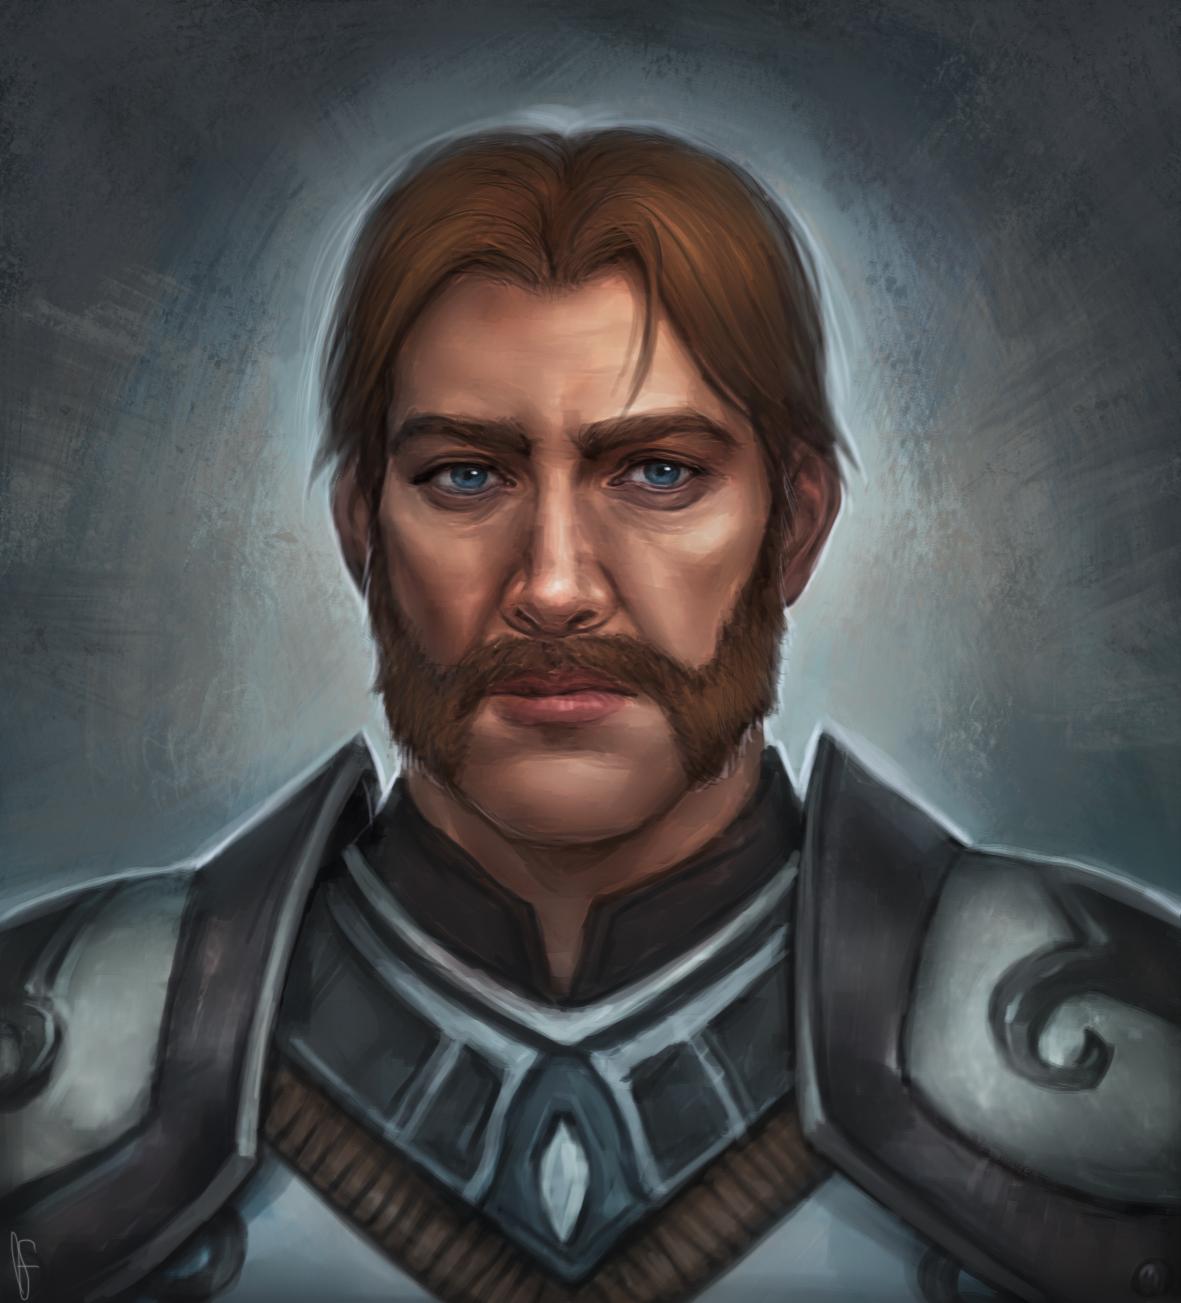 Colwyn ap Iorweth